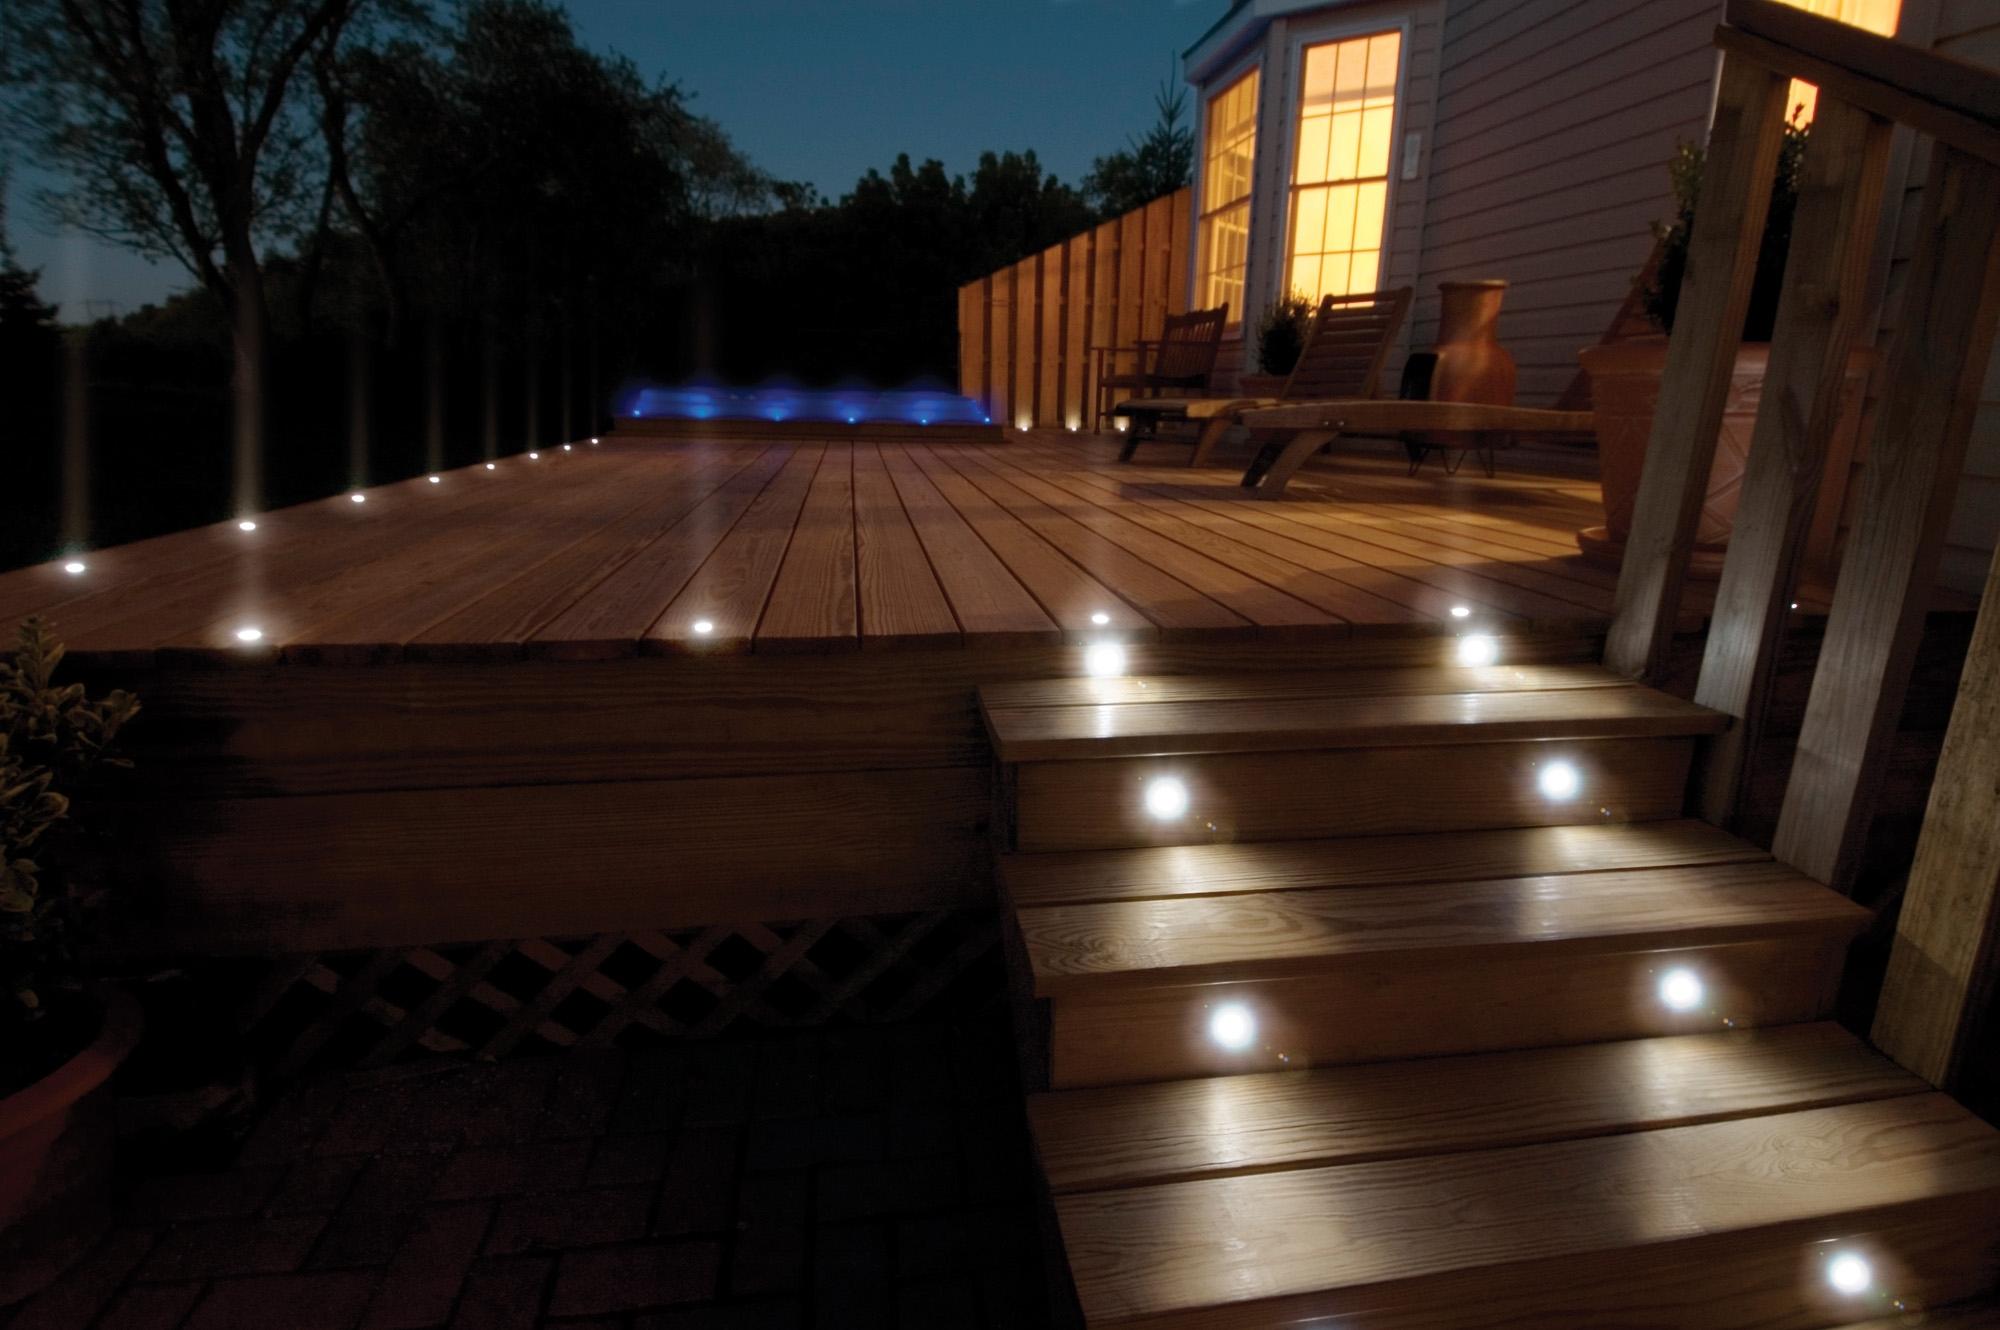 Led Light Design: Sophisticated Deck Led Lights For Outdoor Deck Inside Modern Low Voltage Deck Lighting At Home Depot (#8 of 15)